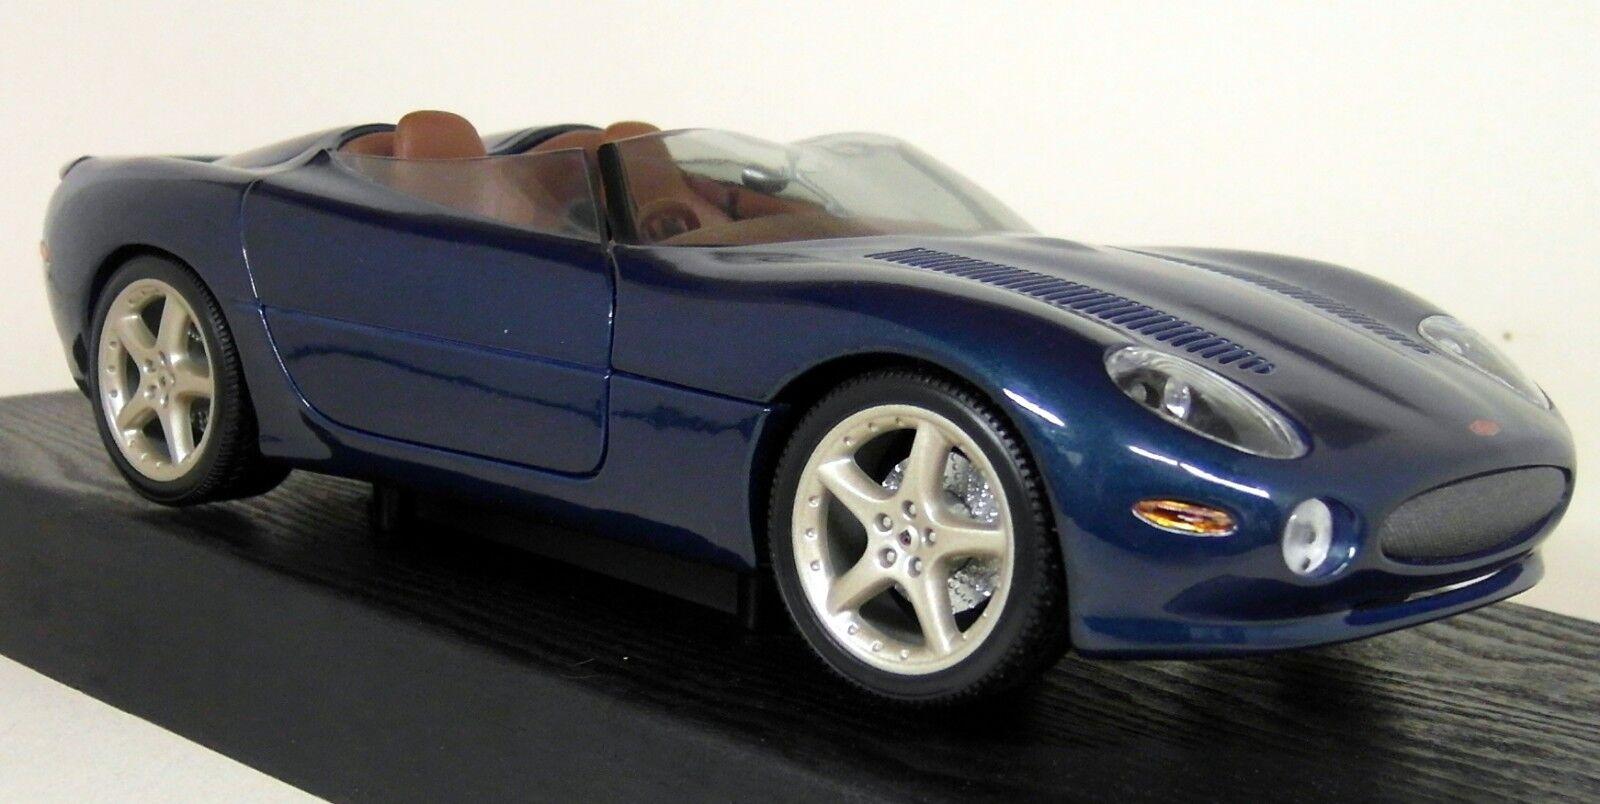 1 18 Maisto Maisto Maisto escala 31867 Jaguar XK180 Metálico verde Azul Coche Modelo Diecast e52f8c